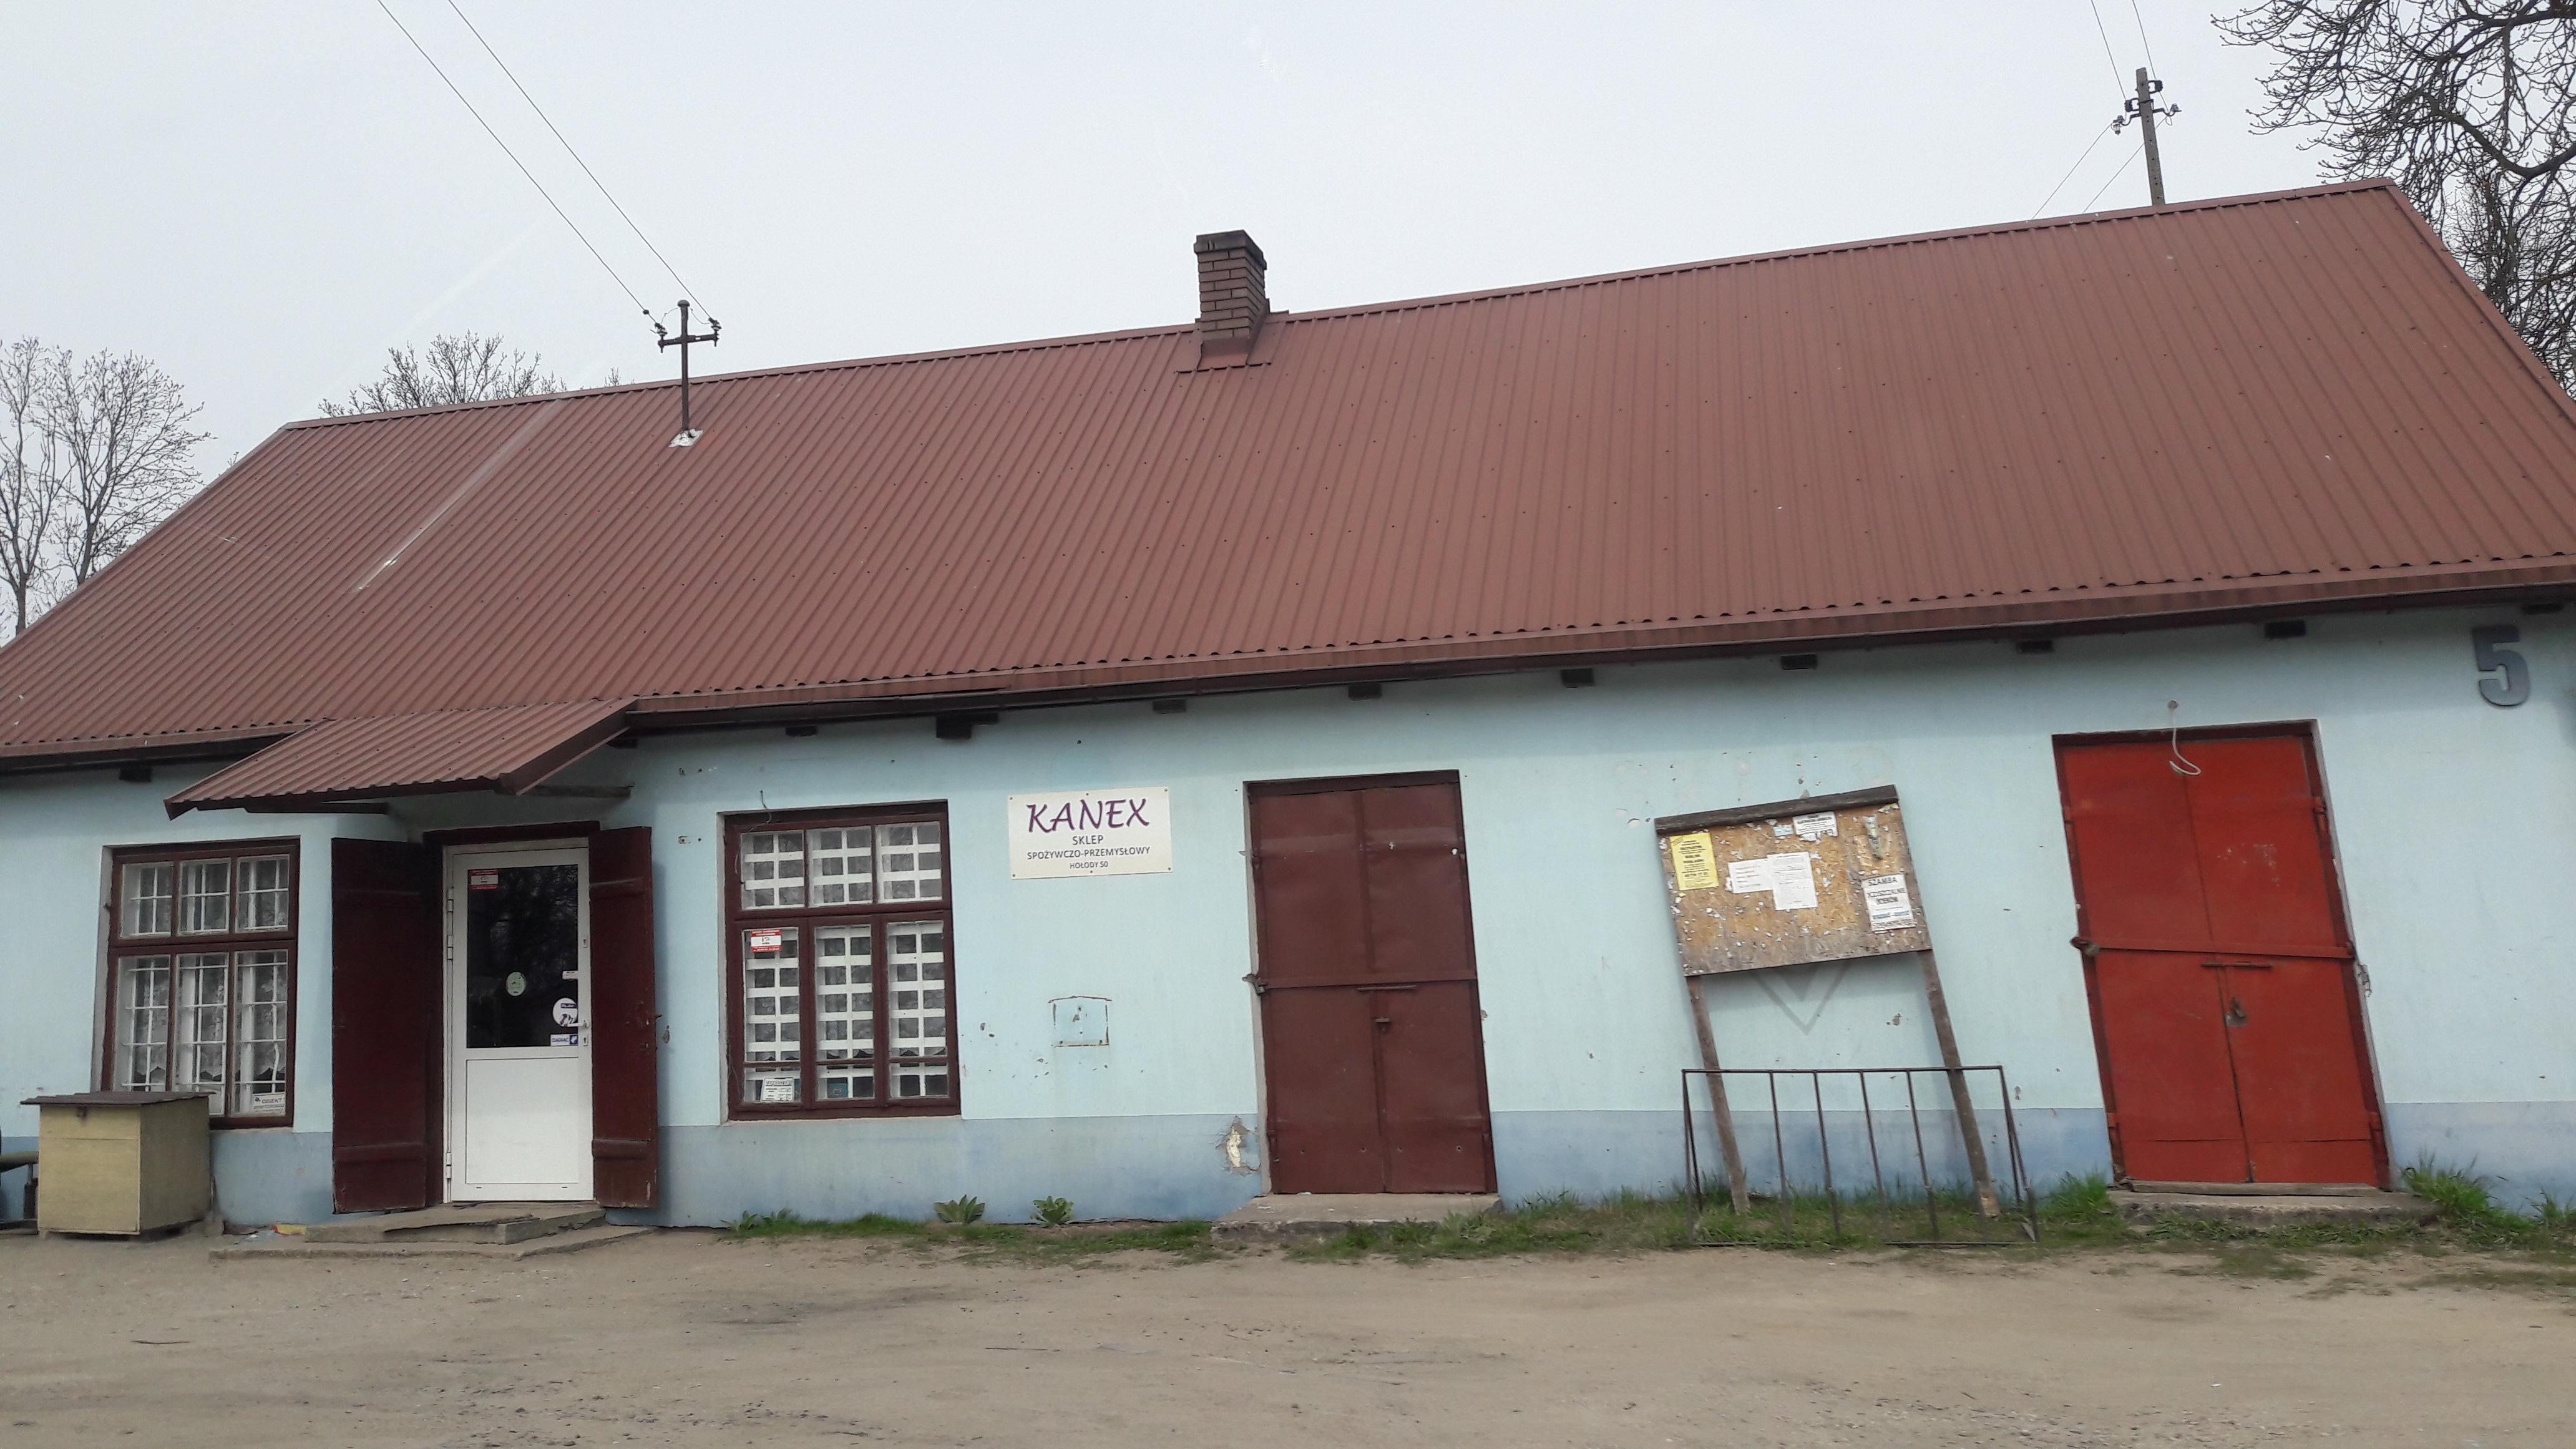 Route Bialowieza /Bielsk Podlaski/Bialystok/Monki,